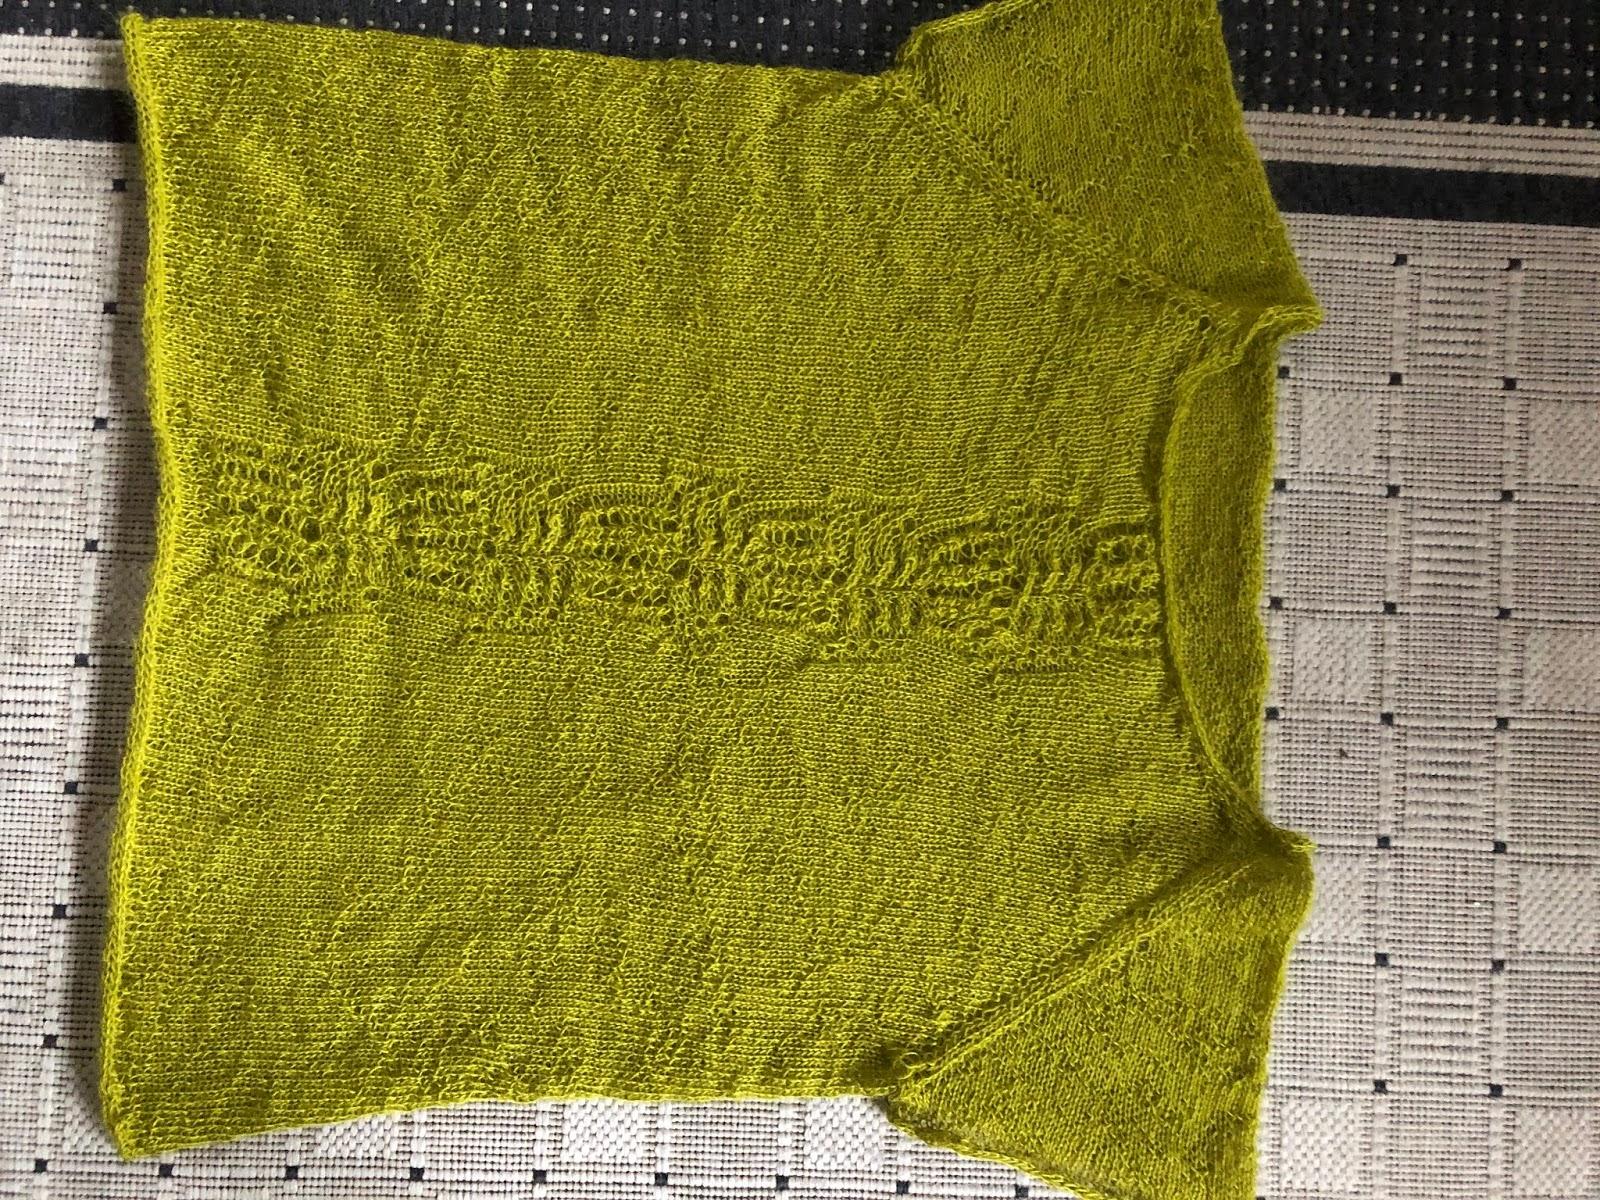 1e91272fa5b Jeg har strikket en bluse for min brors kæreste. Hun er ellers selv god til  at strikke, men denne gav hun op overfor. Den skal strikkes oppefra og ned  - og ...